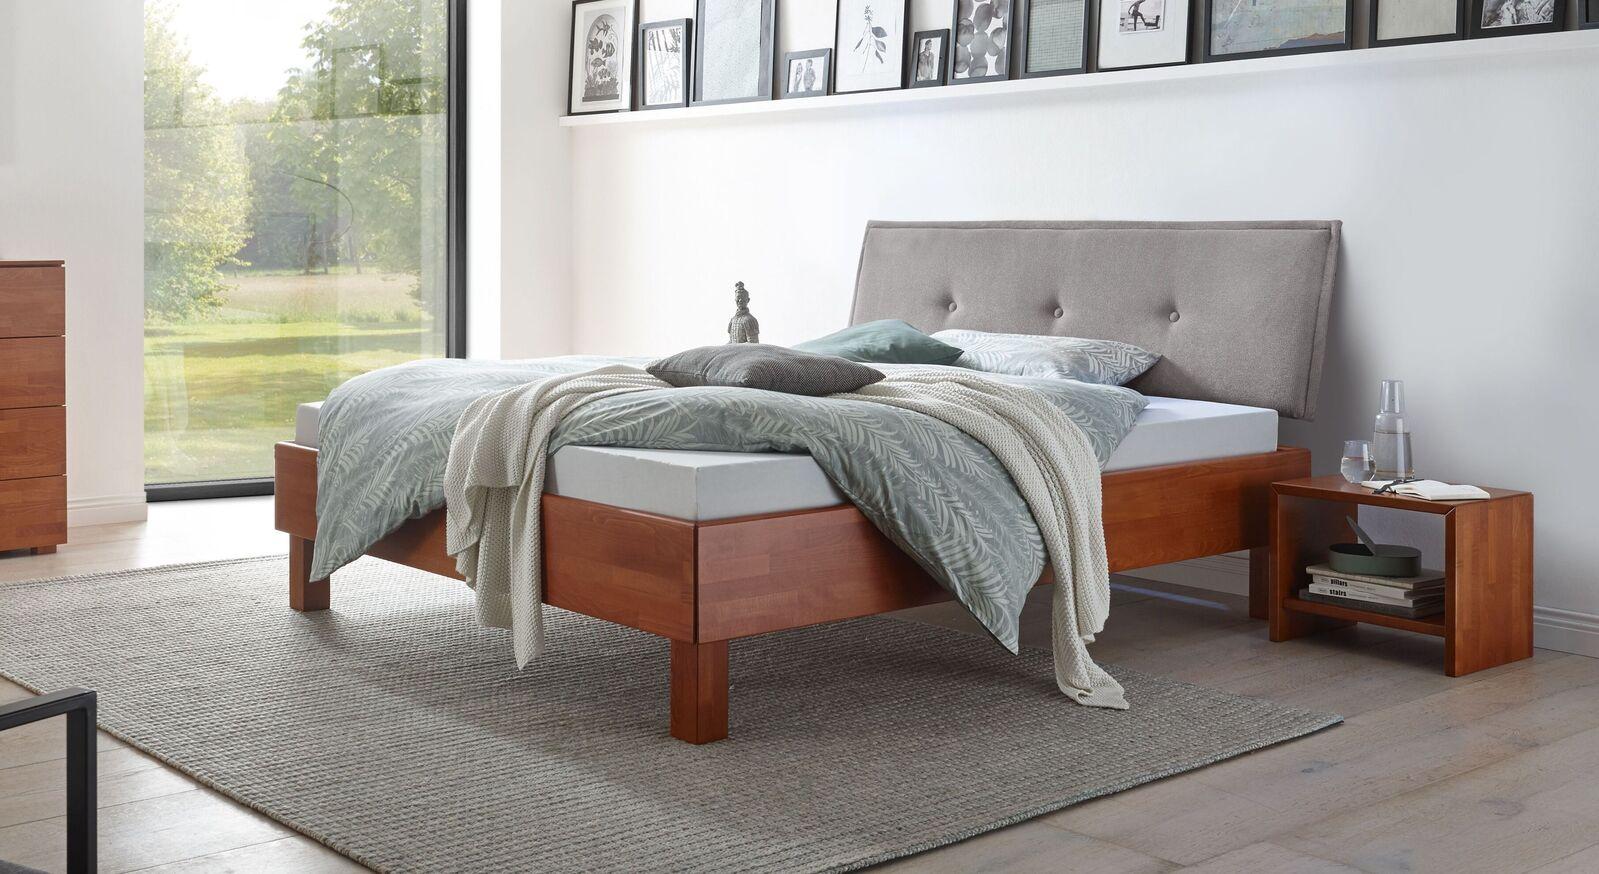 Bett Fenzlo mit kirschbaumfarbigem Holz